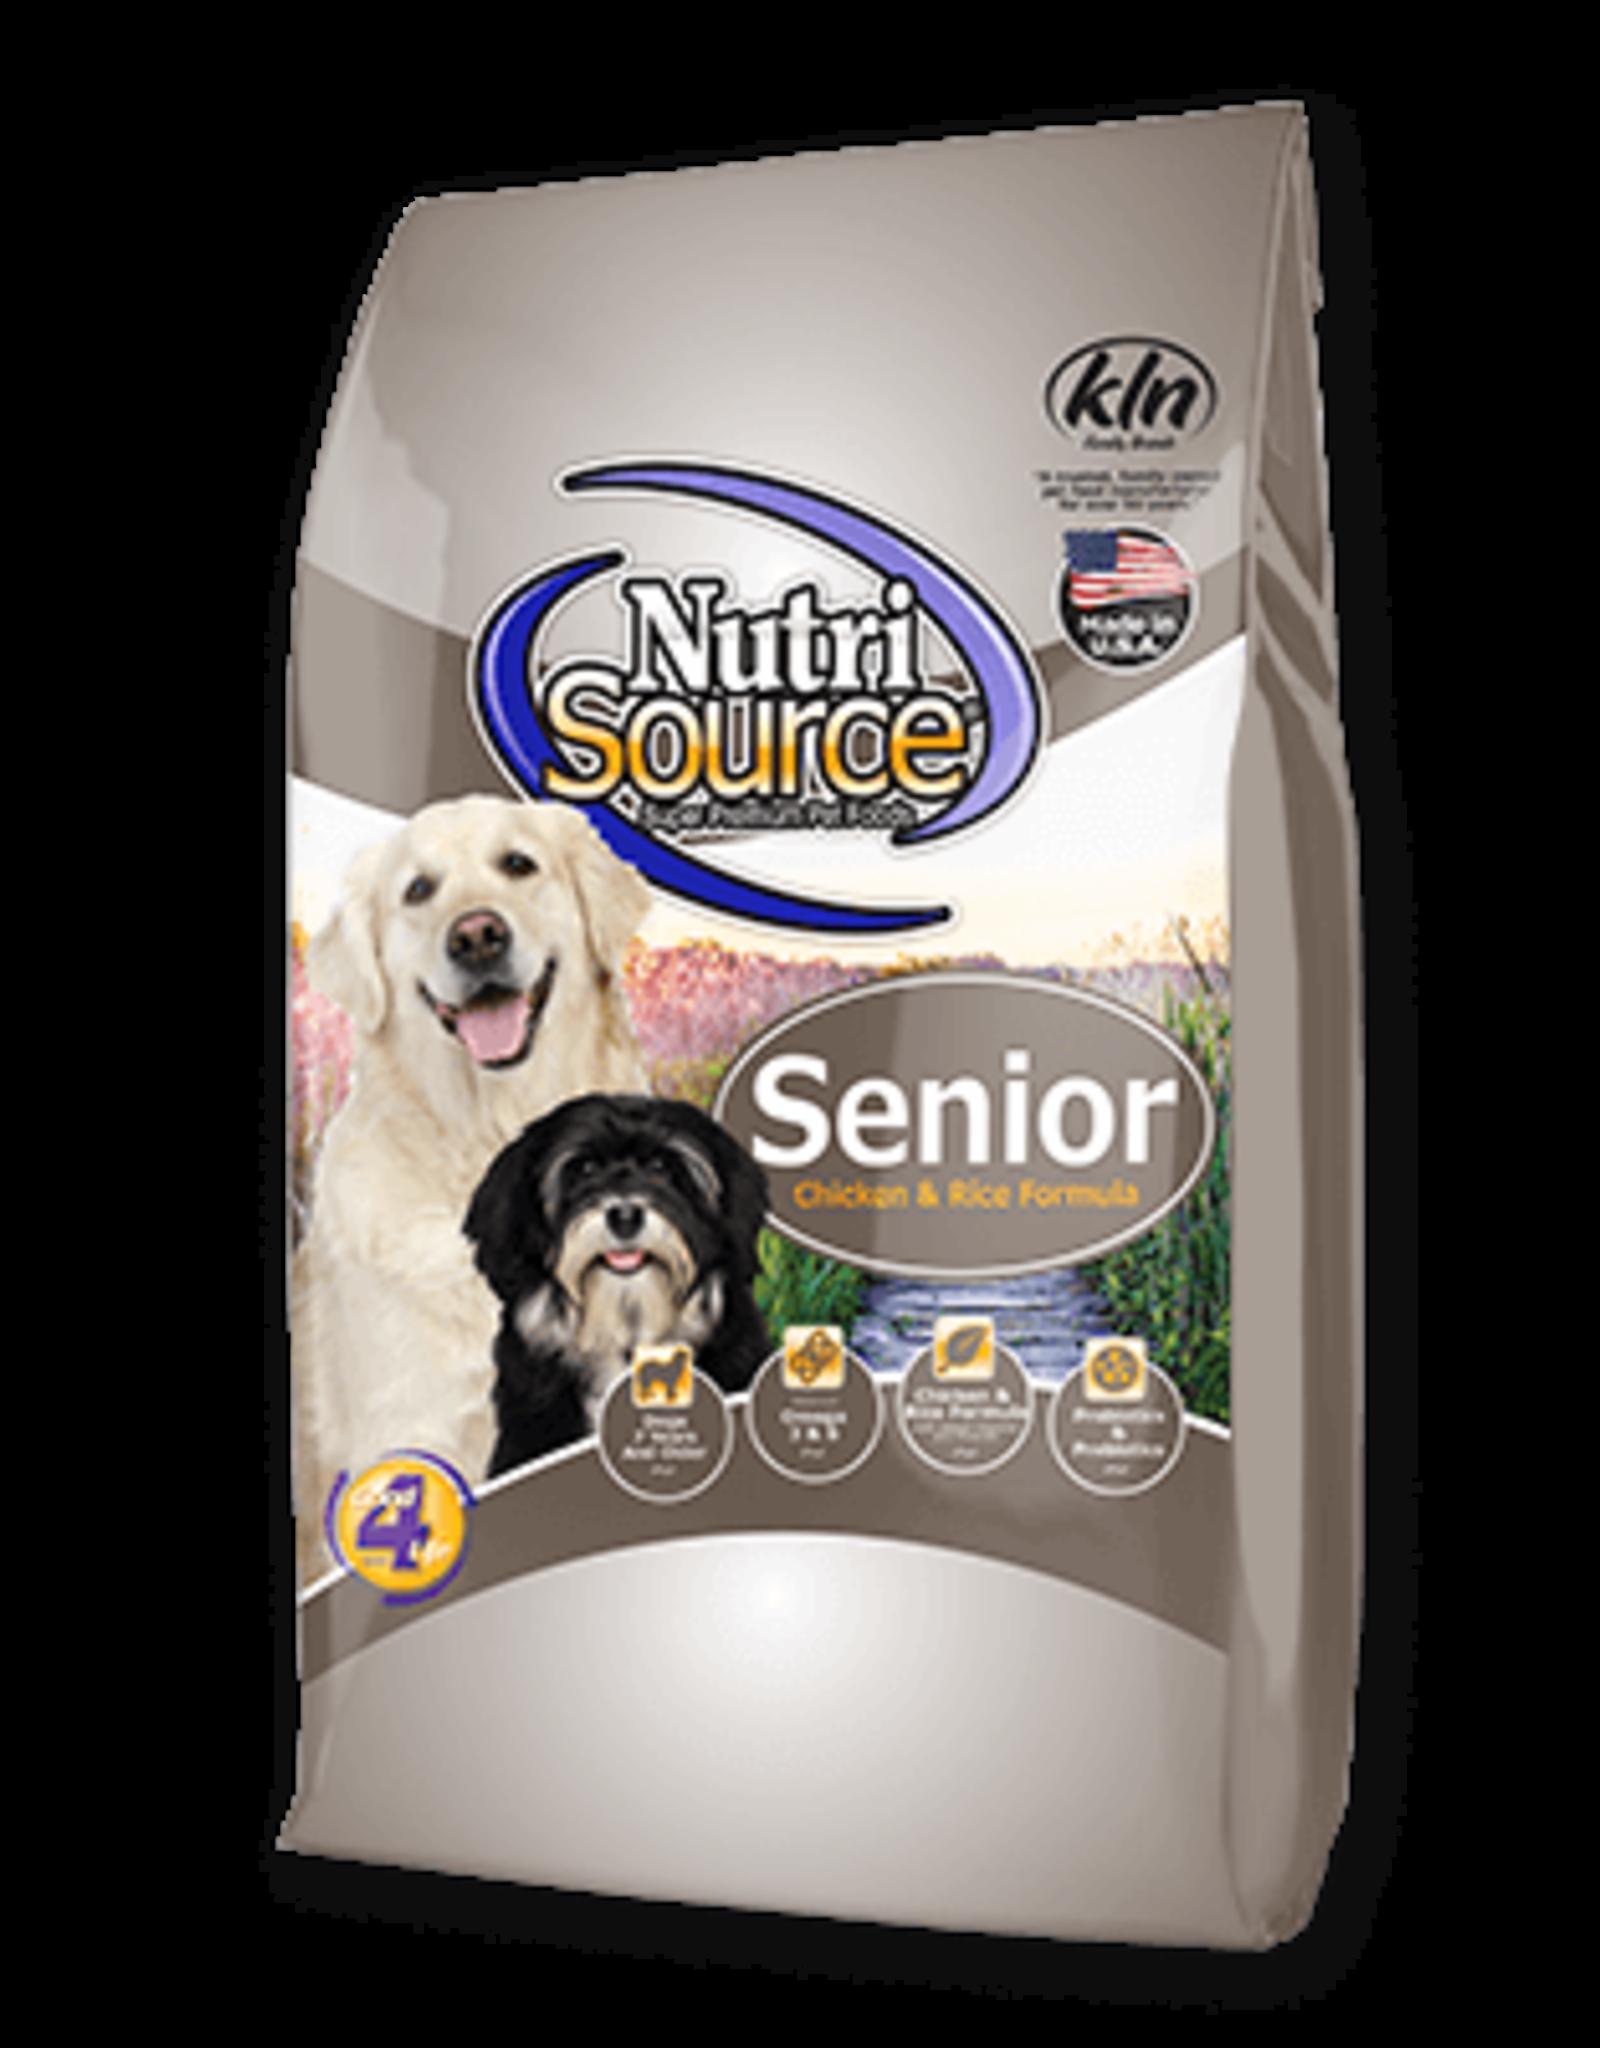 Nutri-Source Nutri-Source chien senior poulet & riz 5 lbs